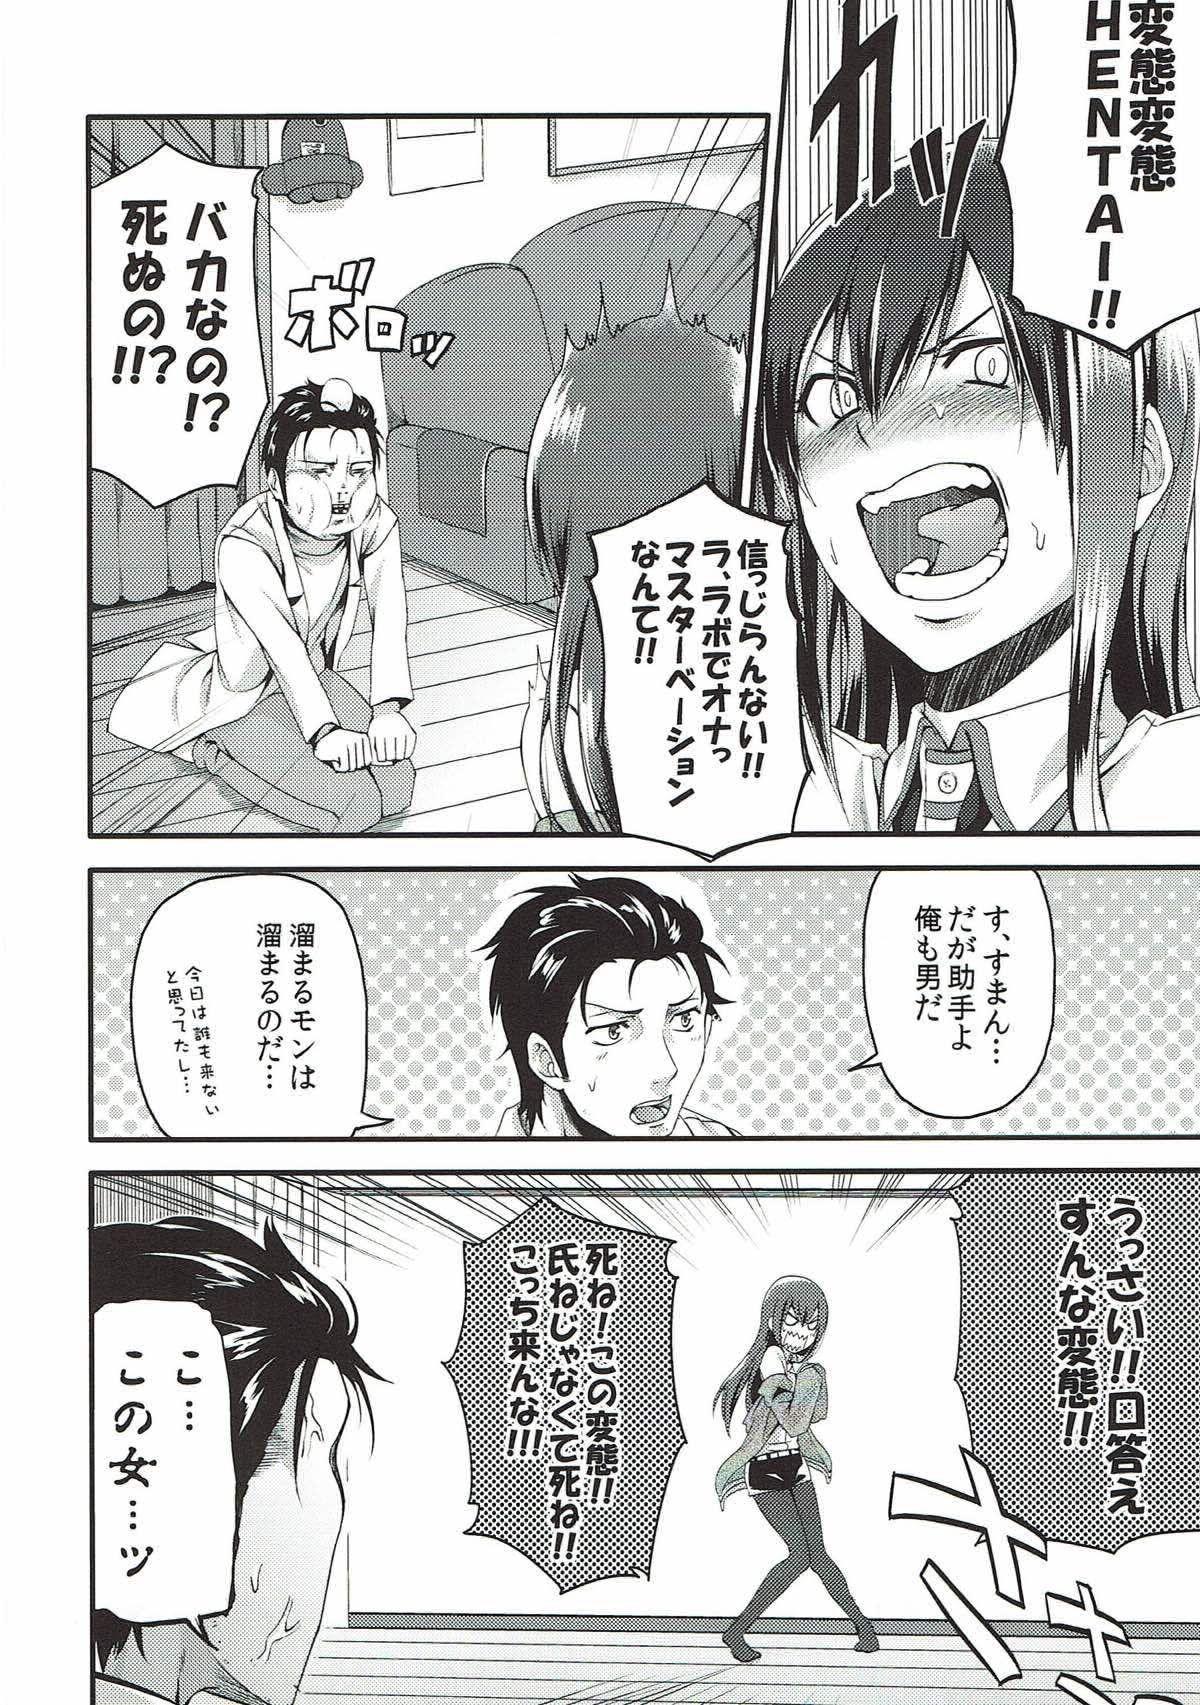 A, Anta no Gelbana ga Hoshii tte Itten no! 2